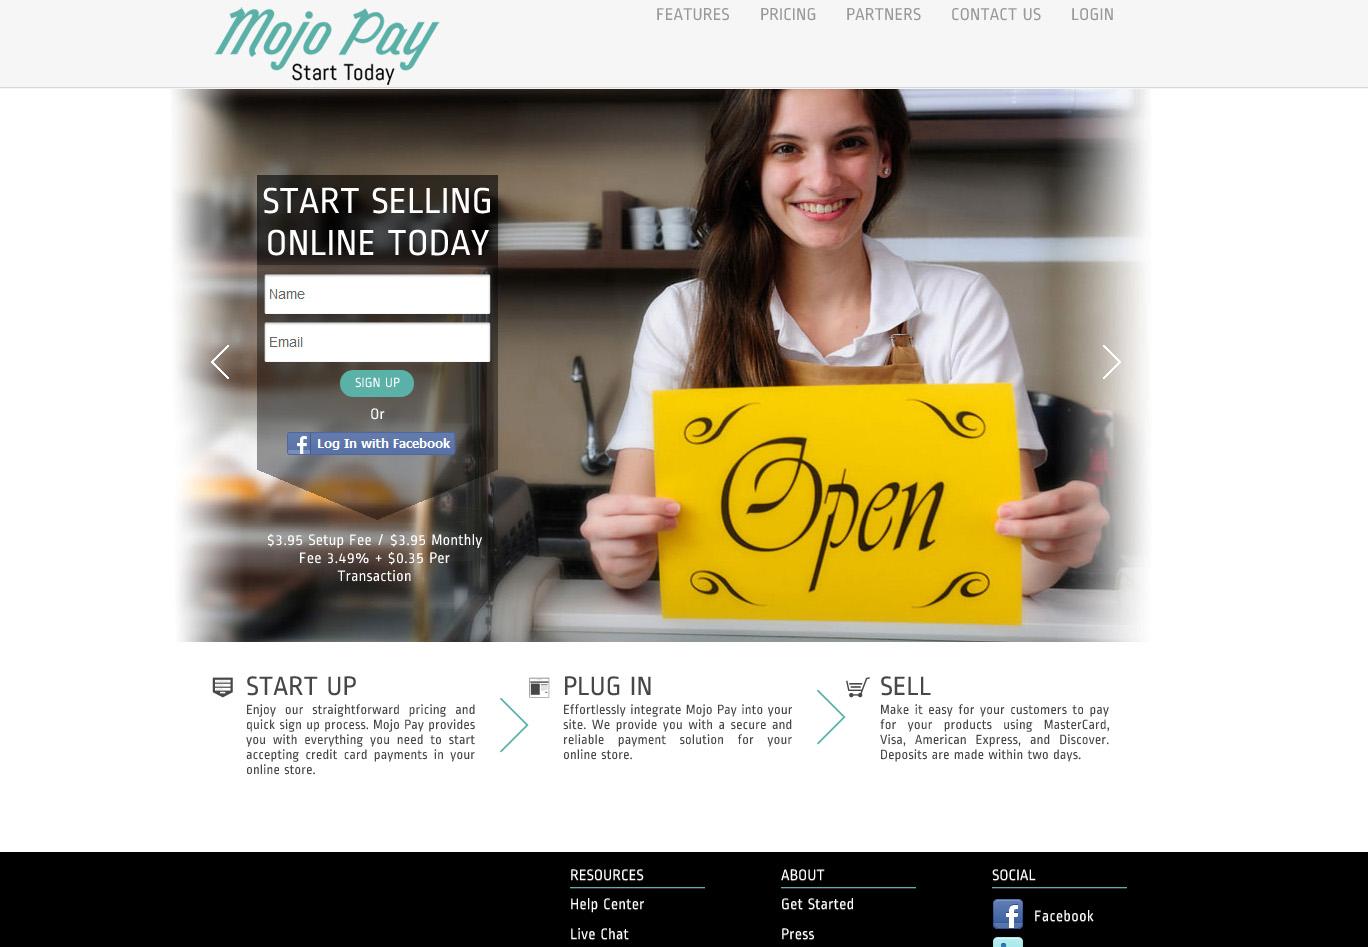 Mojo Pay